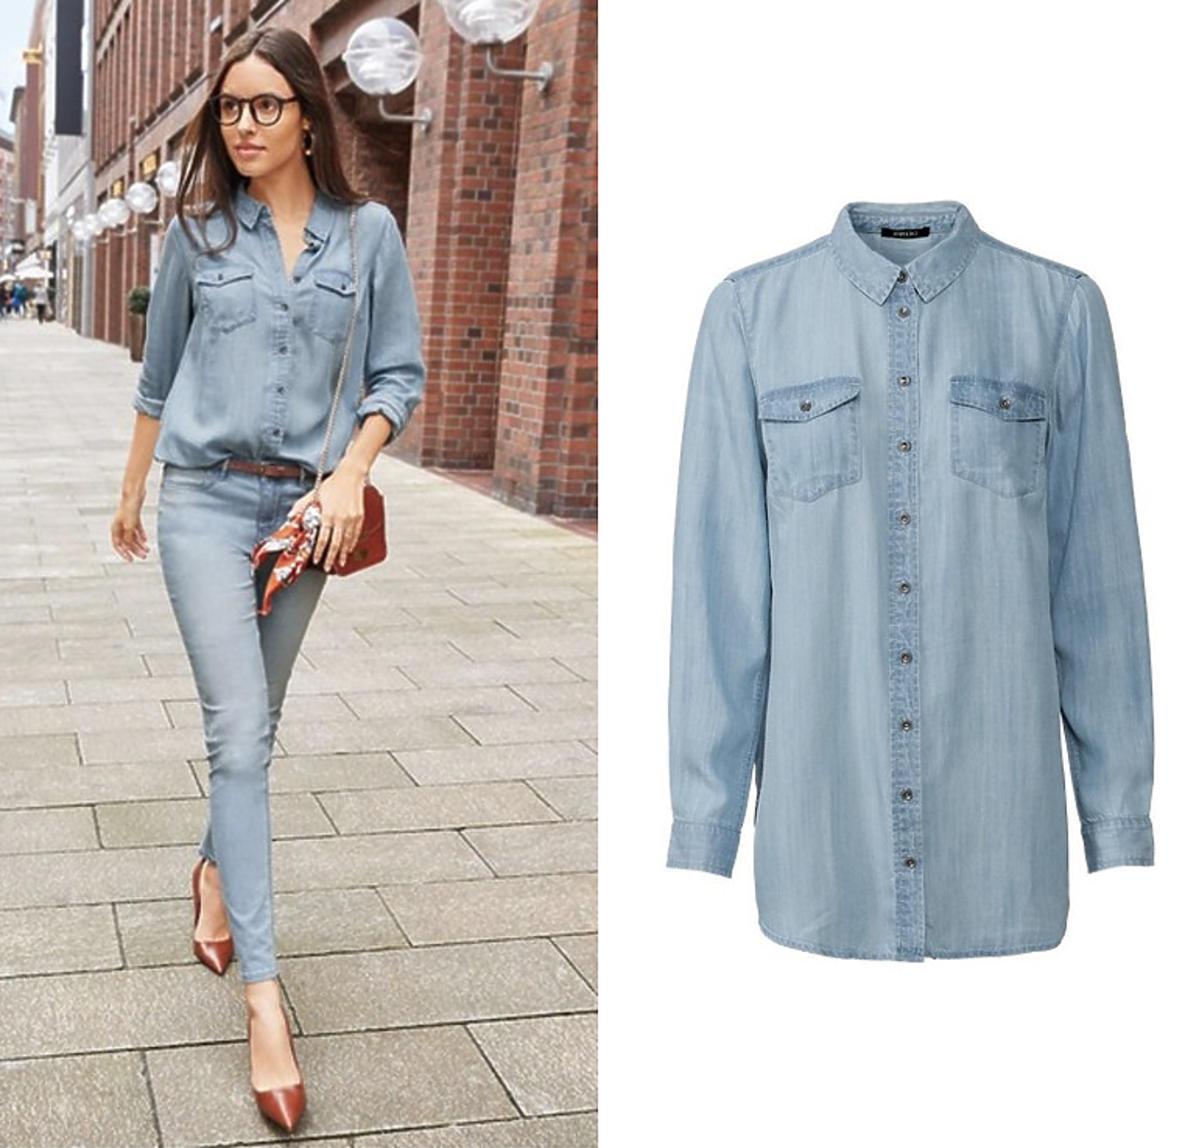 Lidl lansuje nowe trendy na wiosnę 2020! Total jeans look - koszulę i spodnie kupicie za mniej niż 100 zł